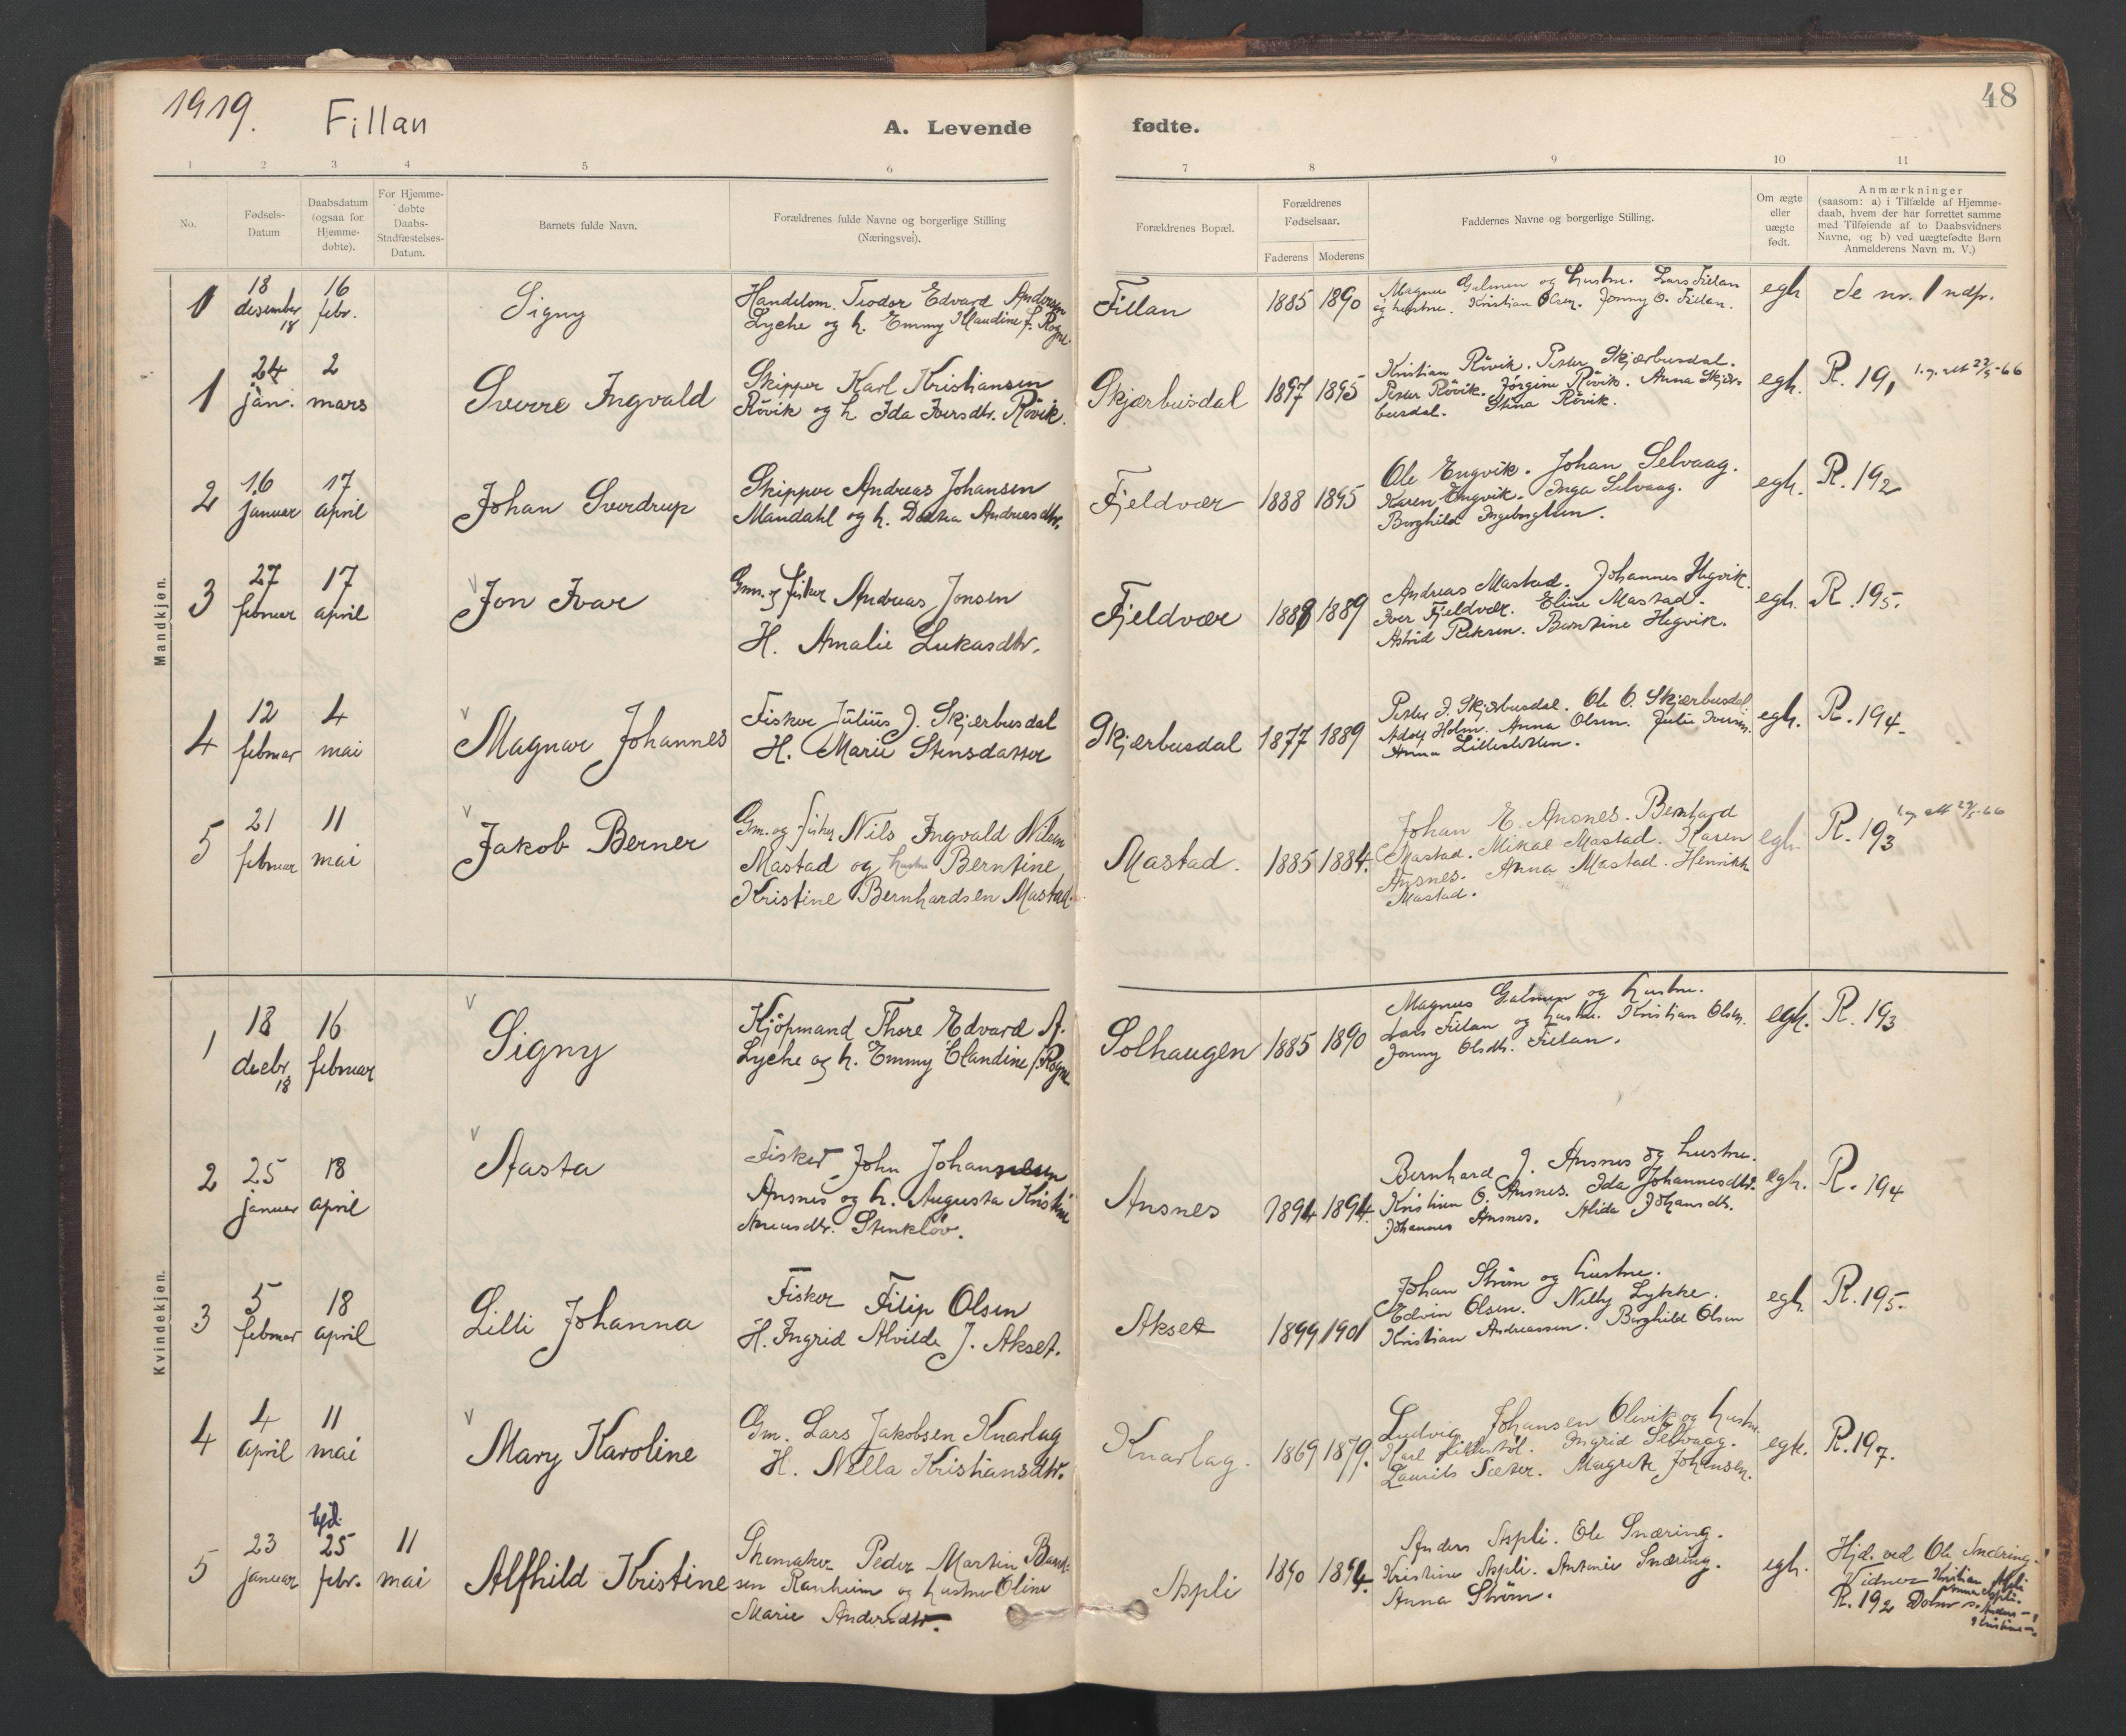 SAT, Ministerialprotokoller, klokkerbøker og fødselsregistre - Sør-Trøndelag, 637/L0559: Ministerialbok nr. 637A02, 1899-1923, s. 48